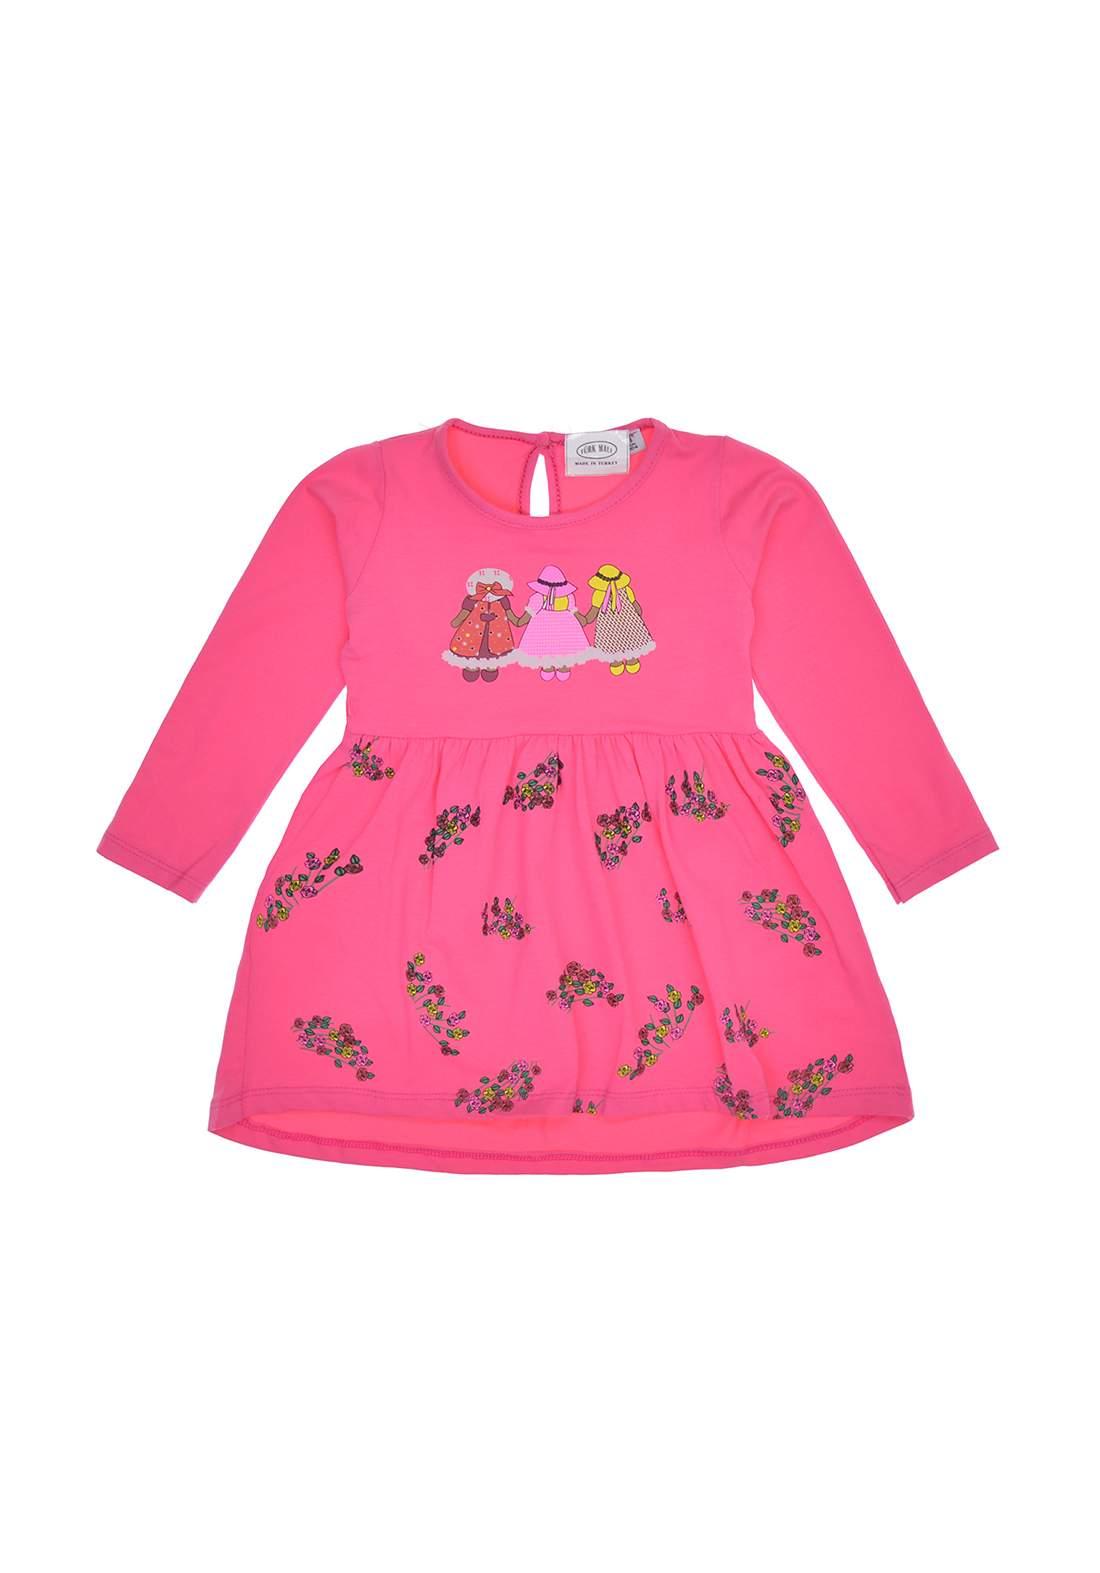 فستان بتصميم كلاسيكي وردي اللون